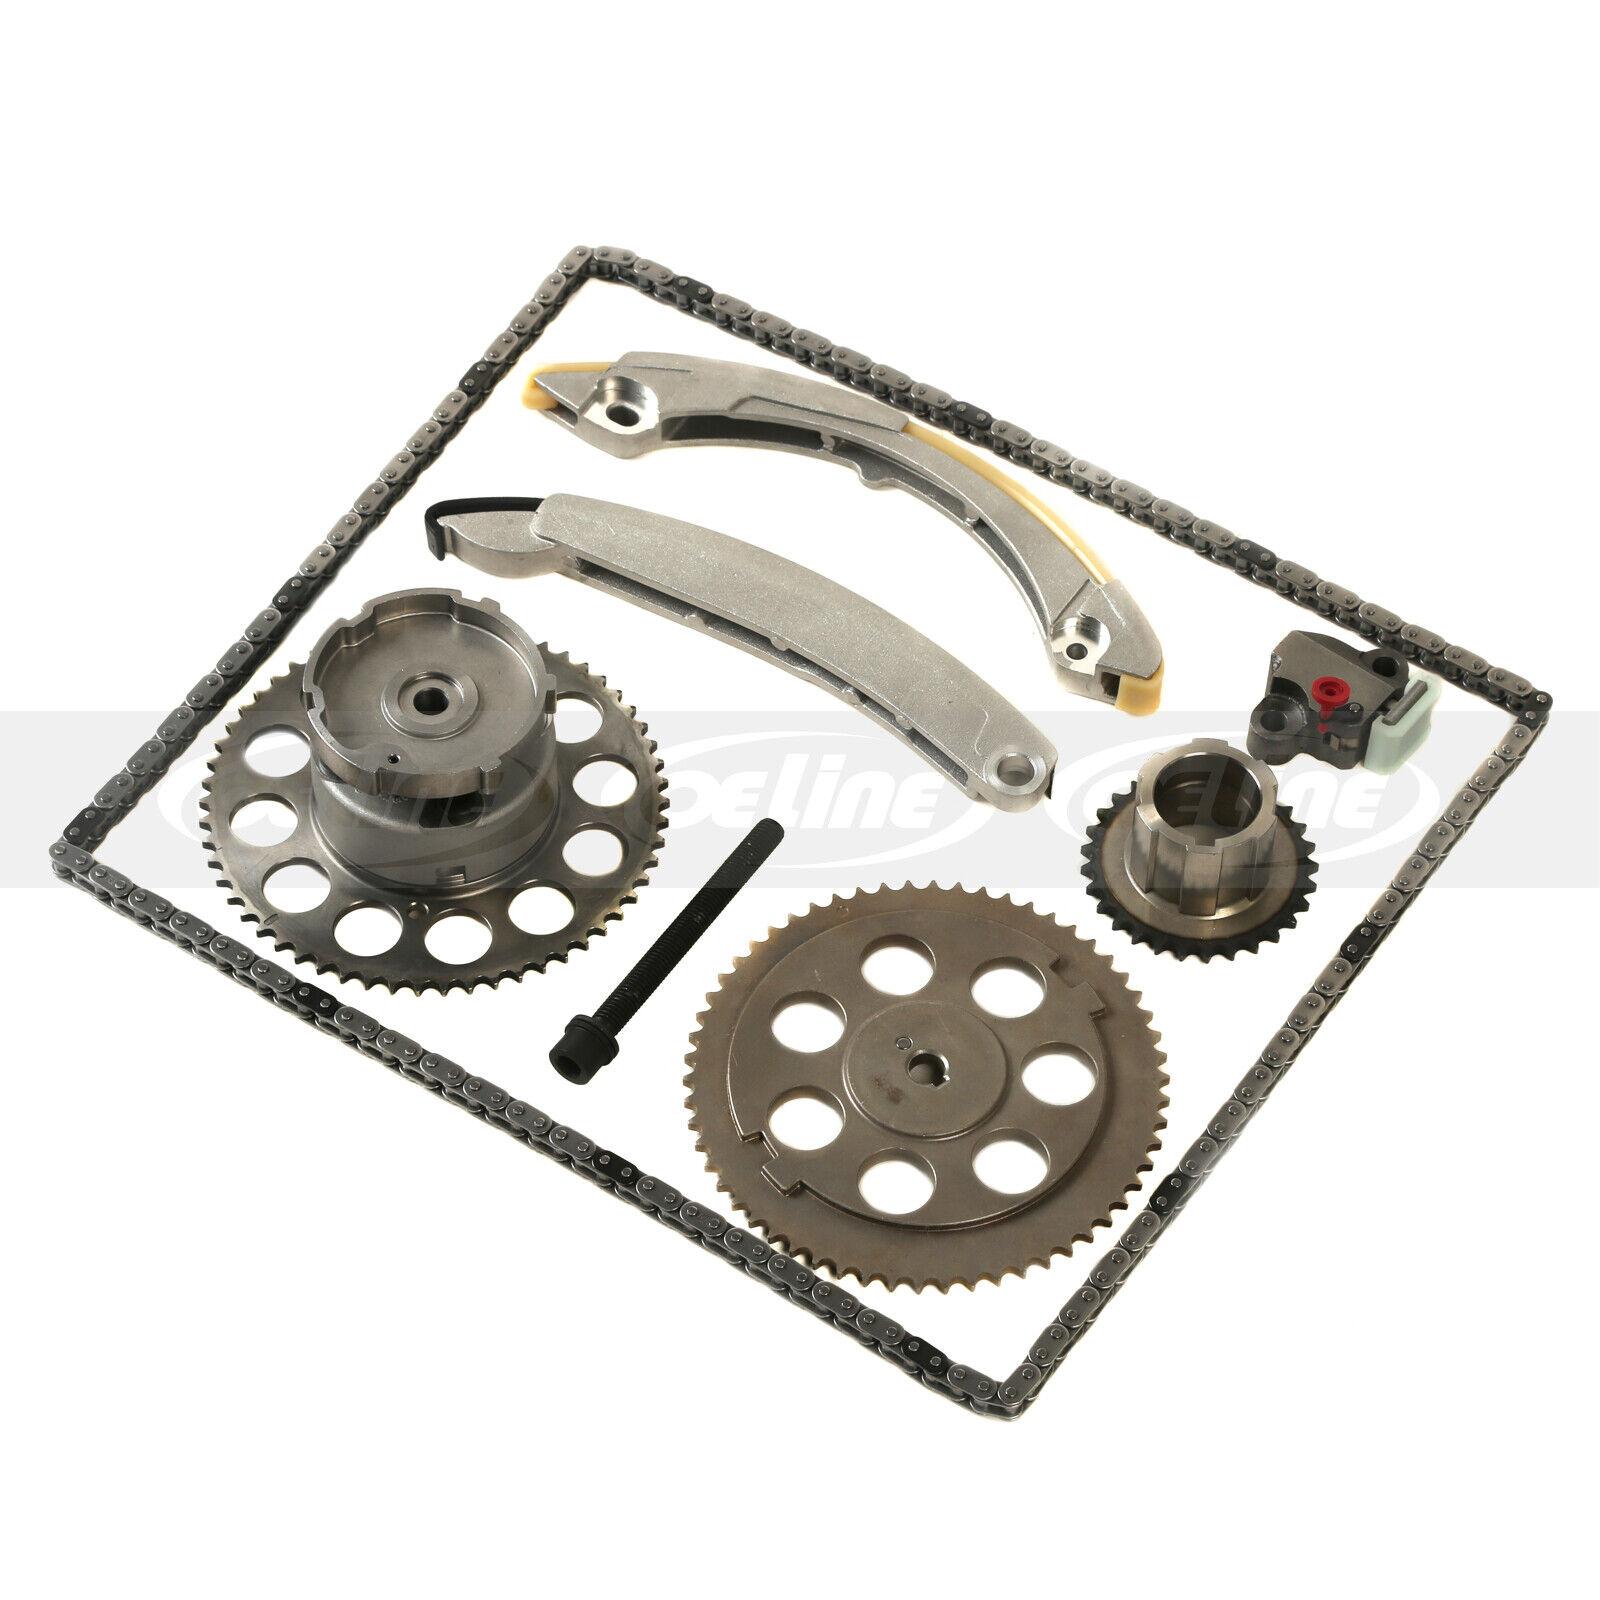 Timing Chain Kit W Vvt For 2005 Chevrolet Trailblazer Gmc Isuzu 42 Belt Fit 42l L6 Dohc